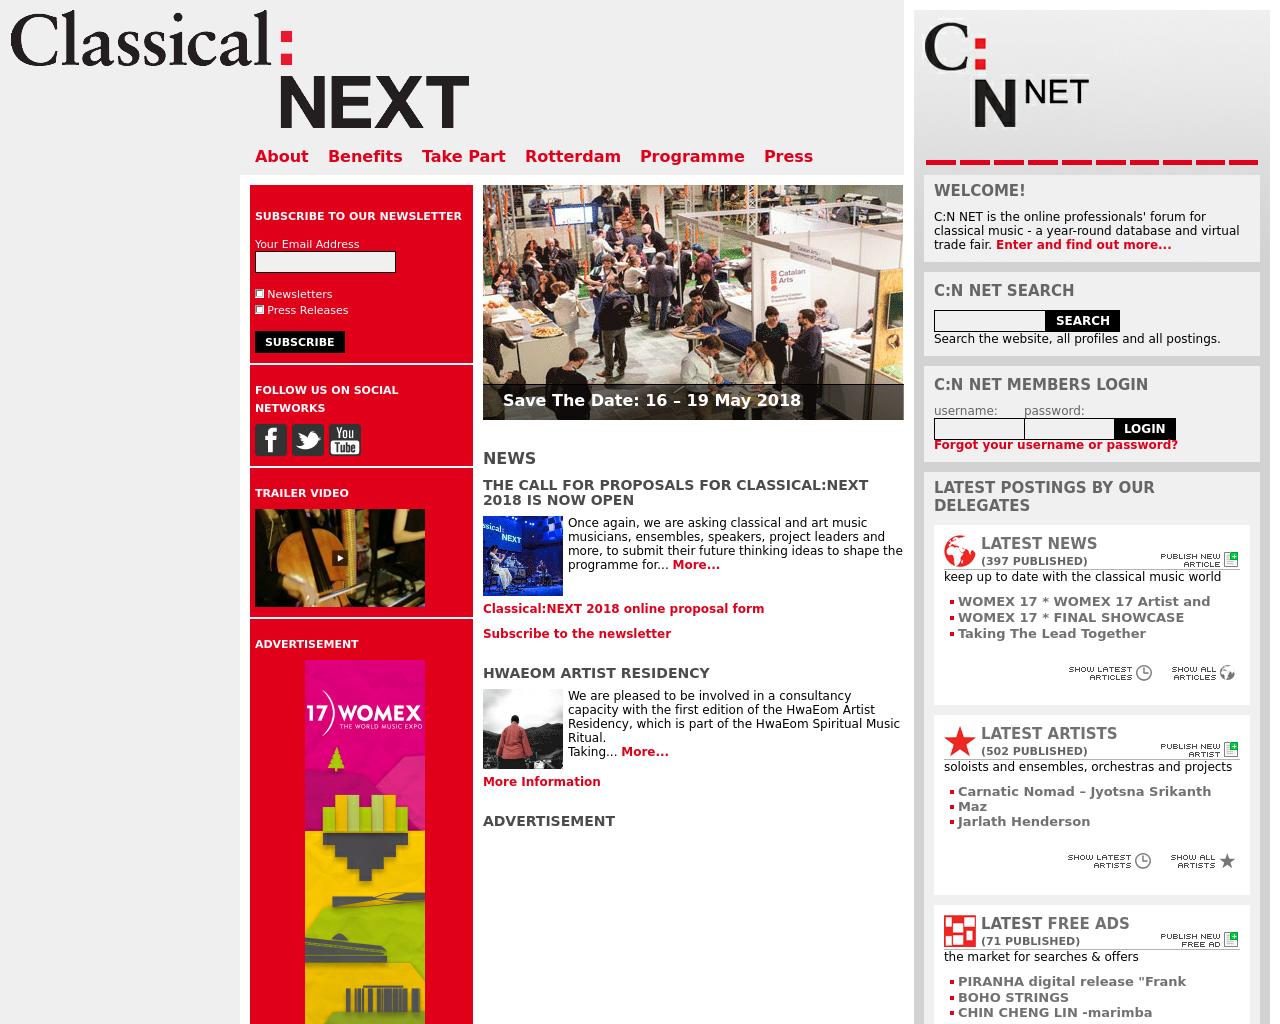 Classicalnext.com-Advertising-Reviews-Pricing